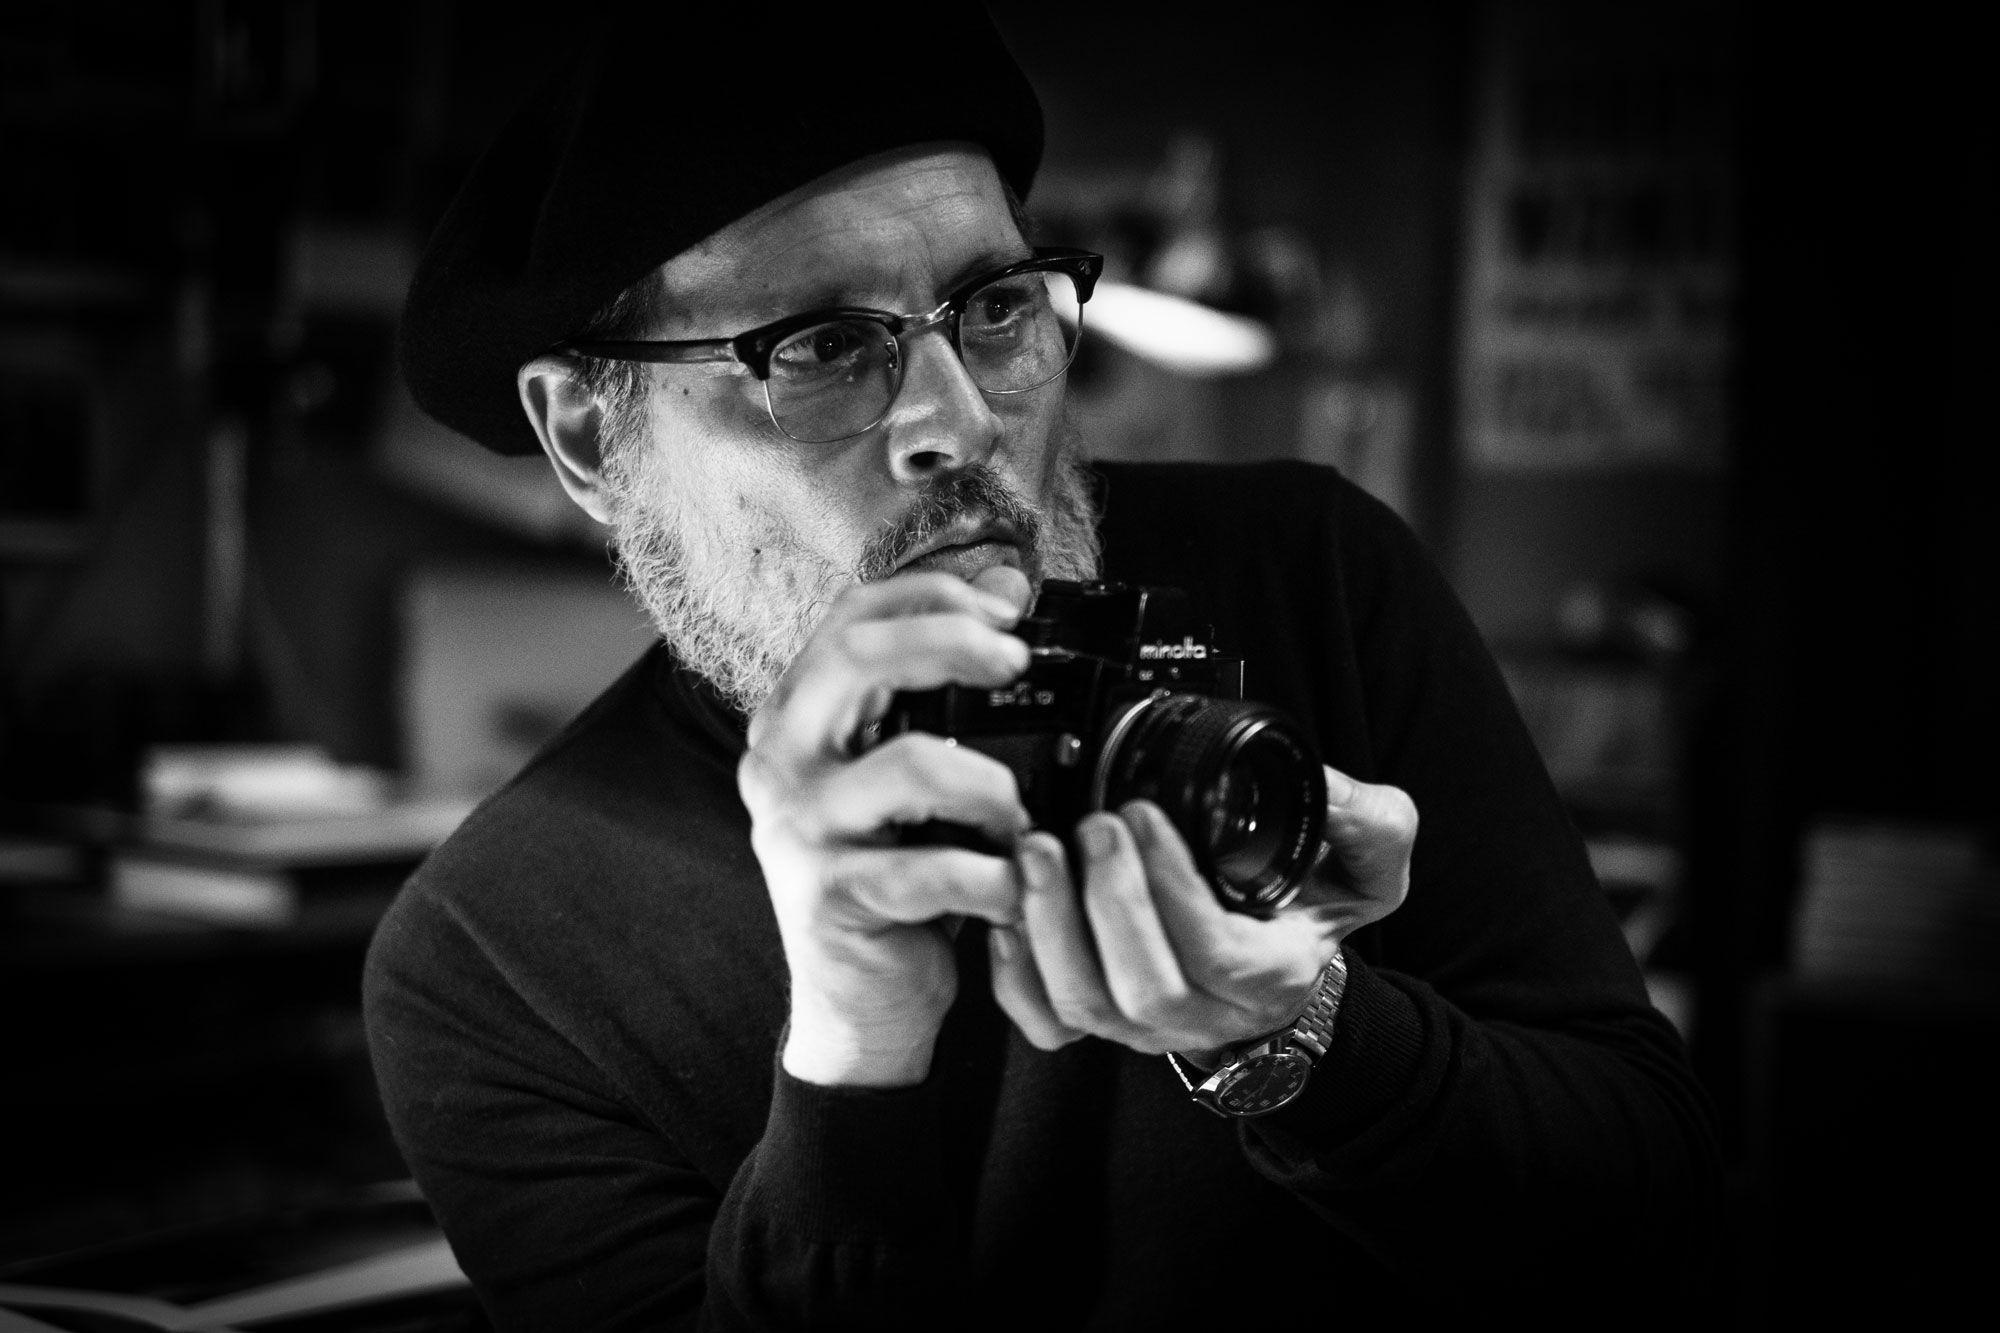 Minamata trailer - Johnny Depp on the awards trail?